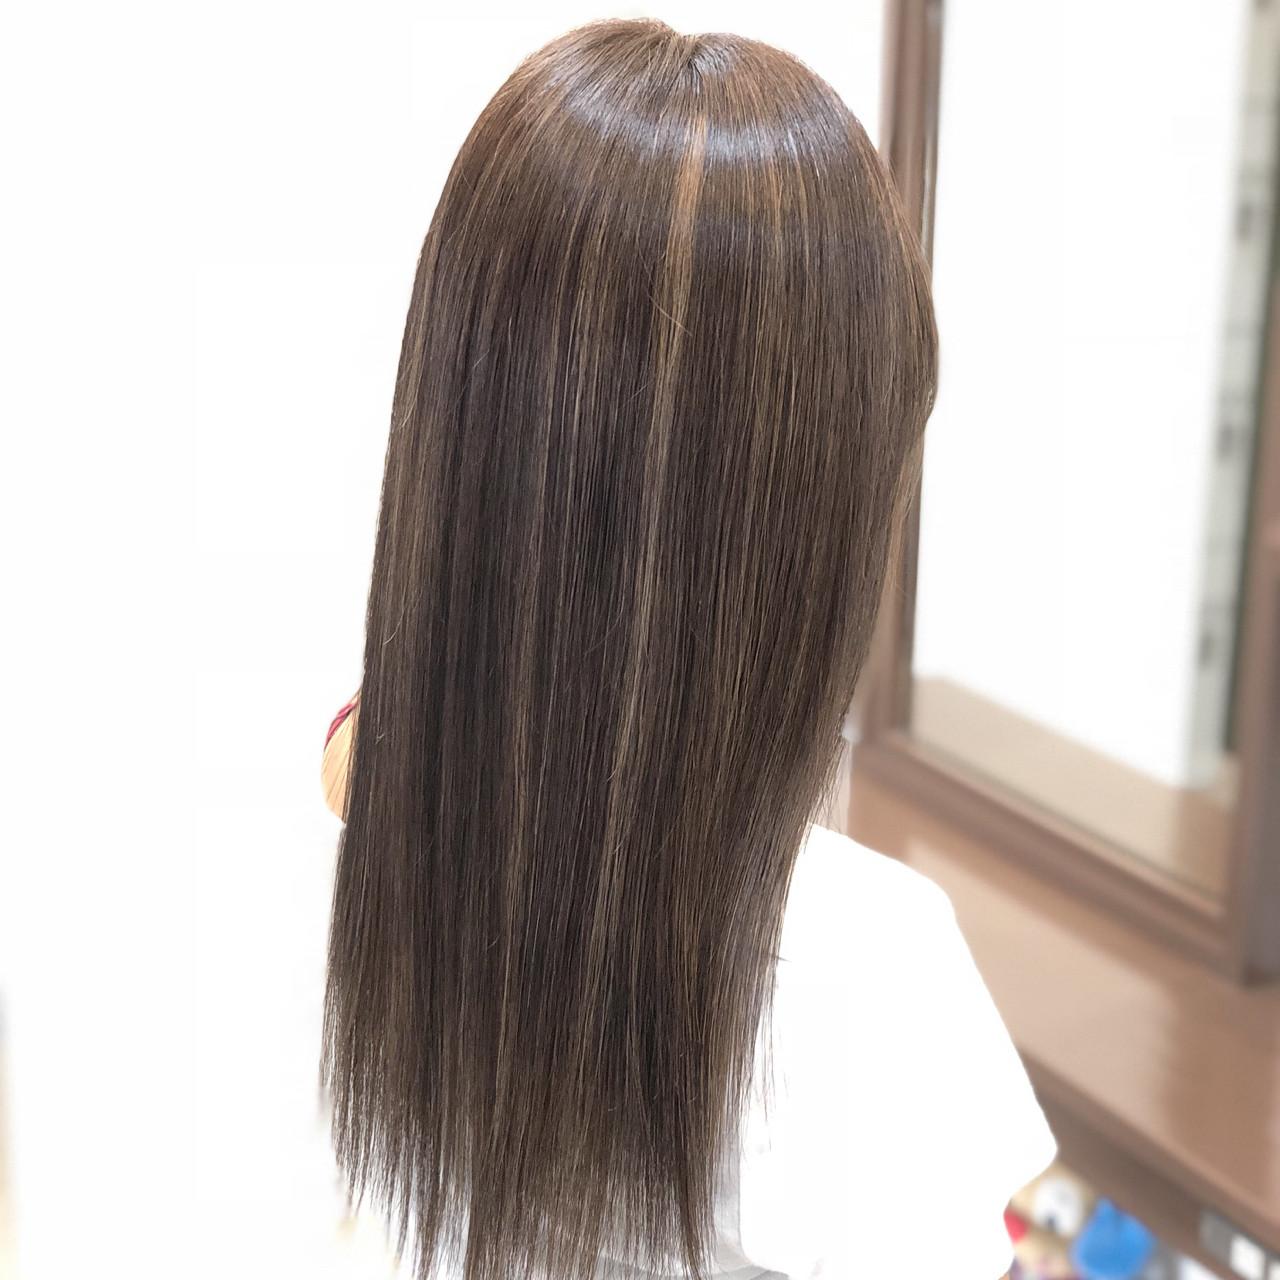 ナチュラル ロング ブリーチ ヘアアレンジ ヘアスタイルや髪型の写真・画像 | 古作 蓮 / 美容室 MICHI 富田店